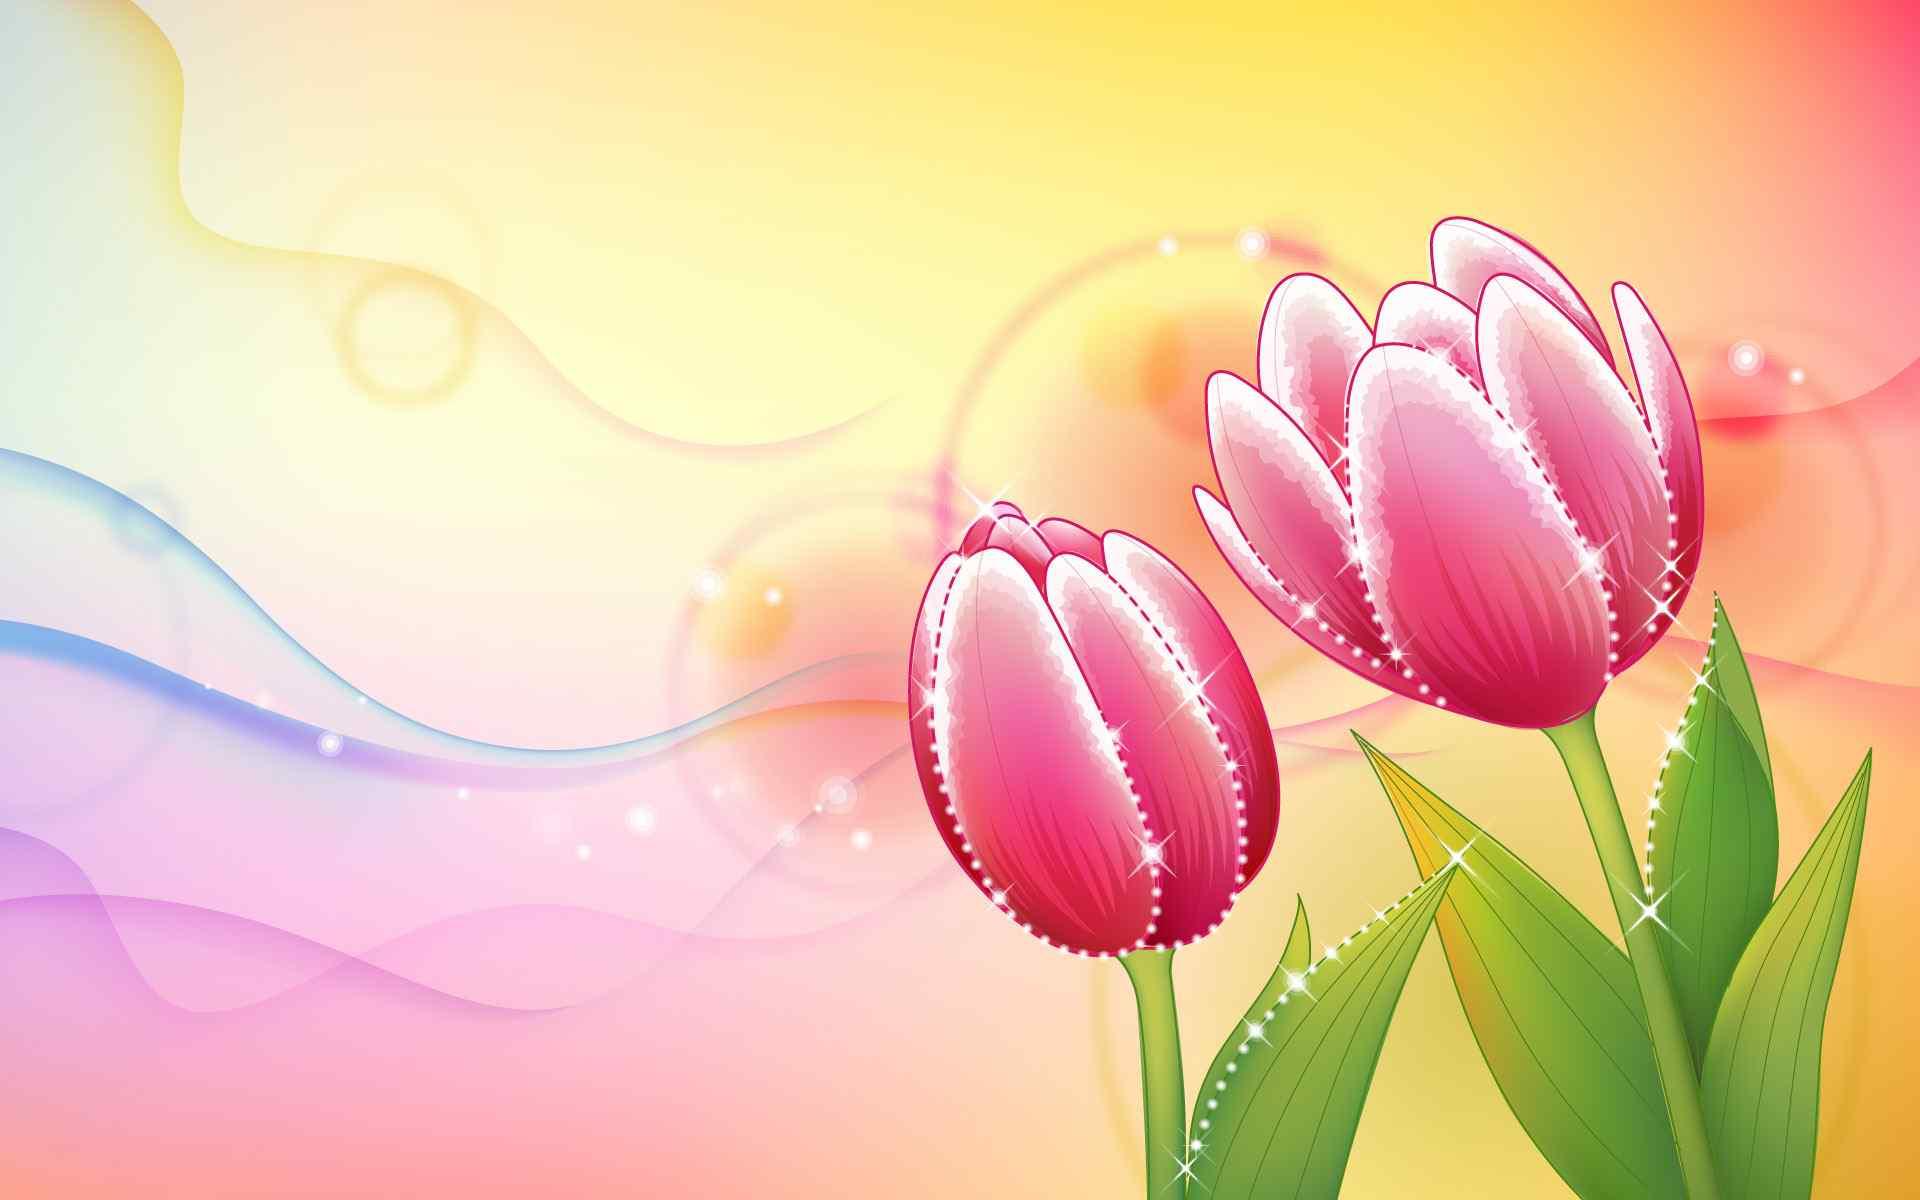 晶莹的鲜花炫彩壁纸